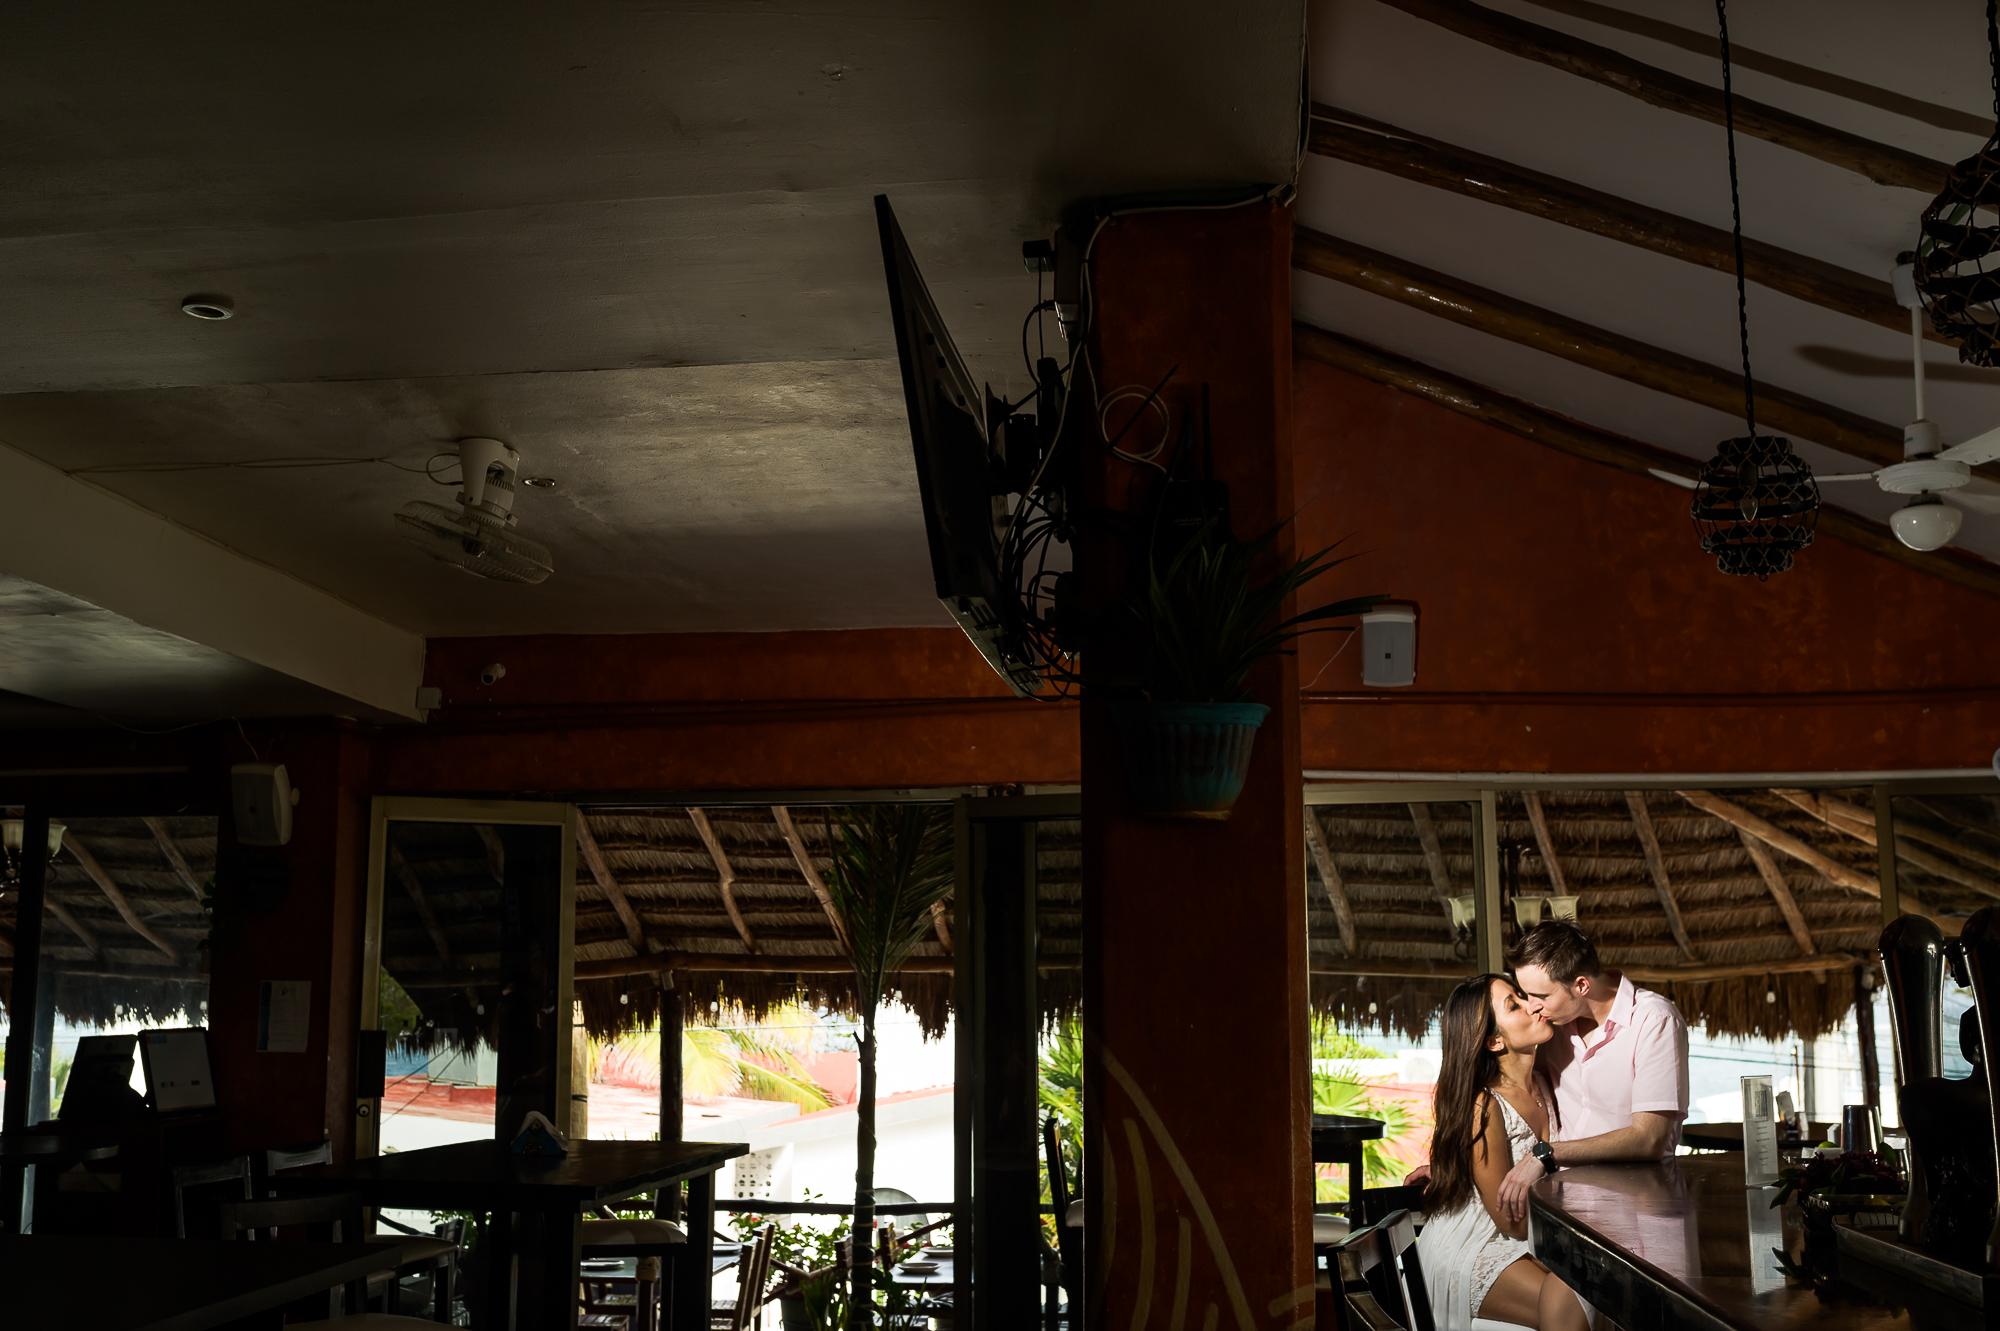 120-David Loi Studios - Cancun Mexico Engagement Session - Destination Engagement Session-25160.jpg